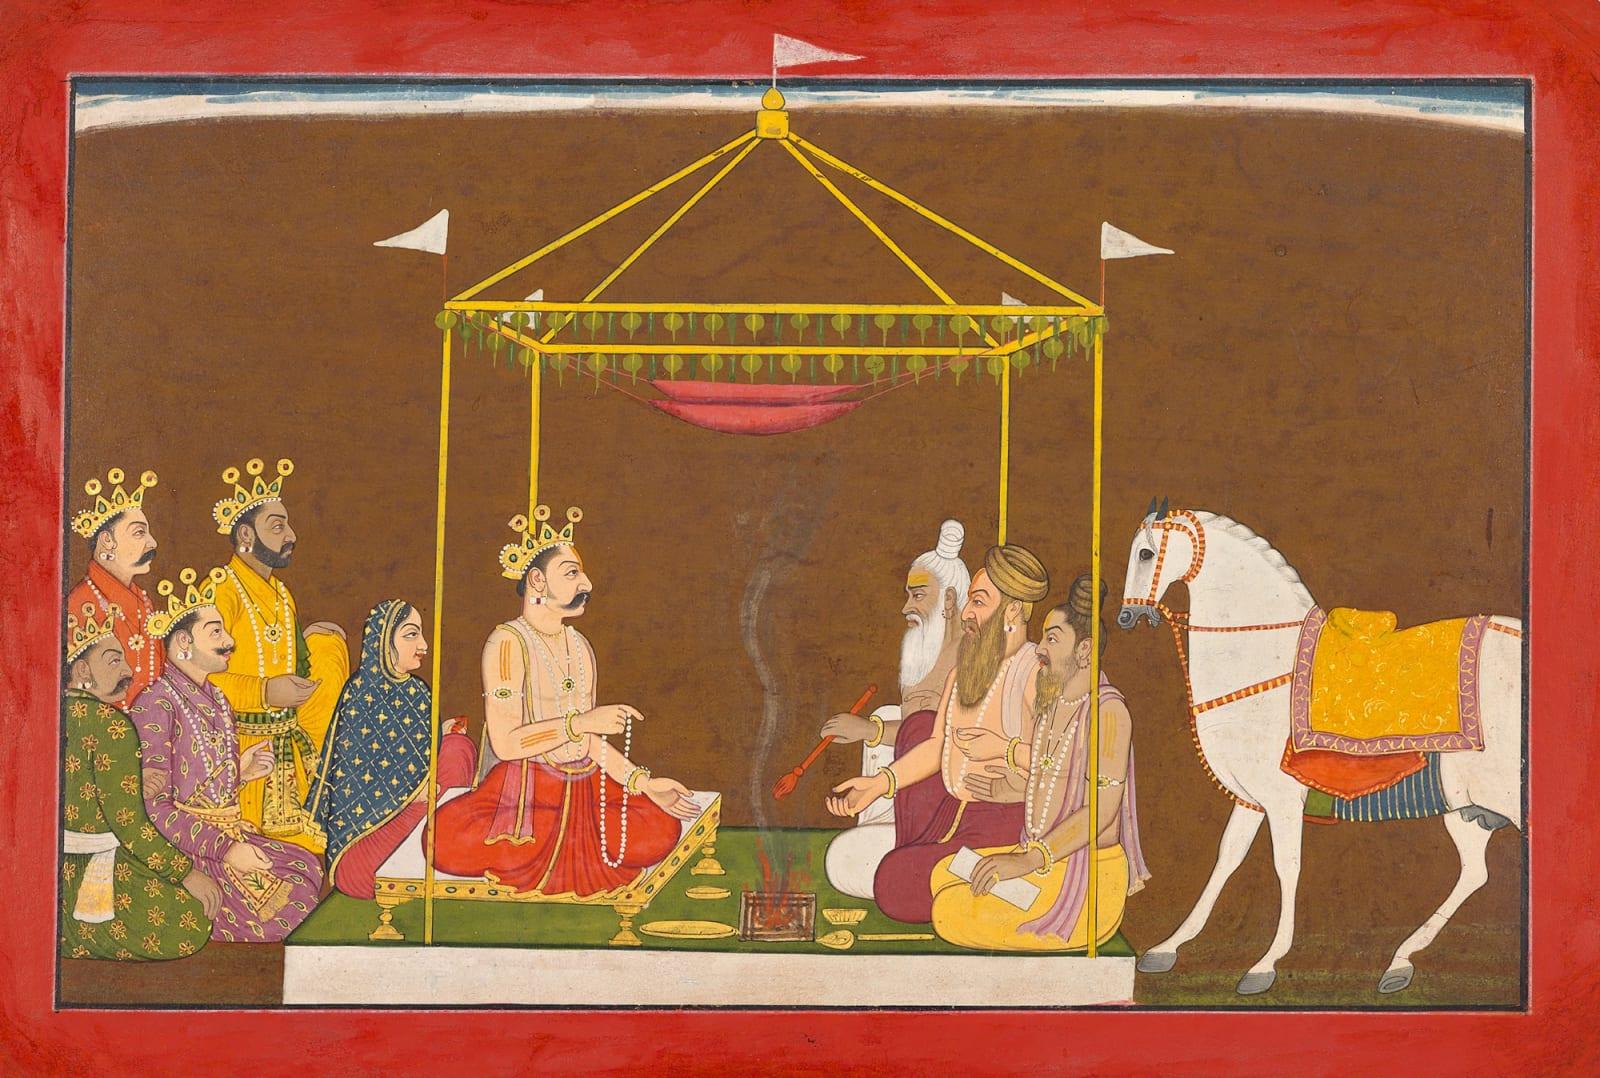 Yudhishthira performs the Horse Sacrifice - Page from the 'Small' Guler-Basohli Bhagavata Purana Series, Attributed to Manaku, Guler, c. 1740